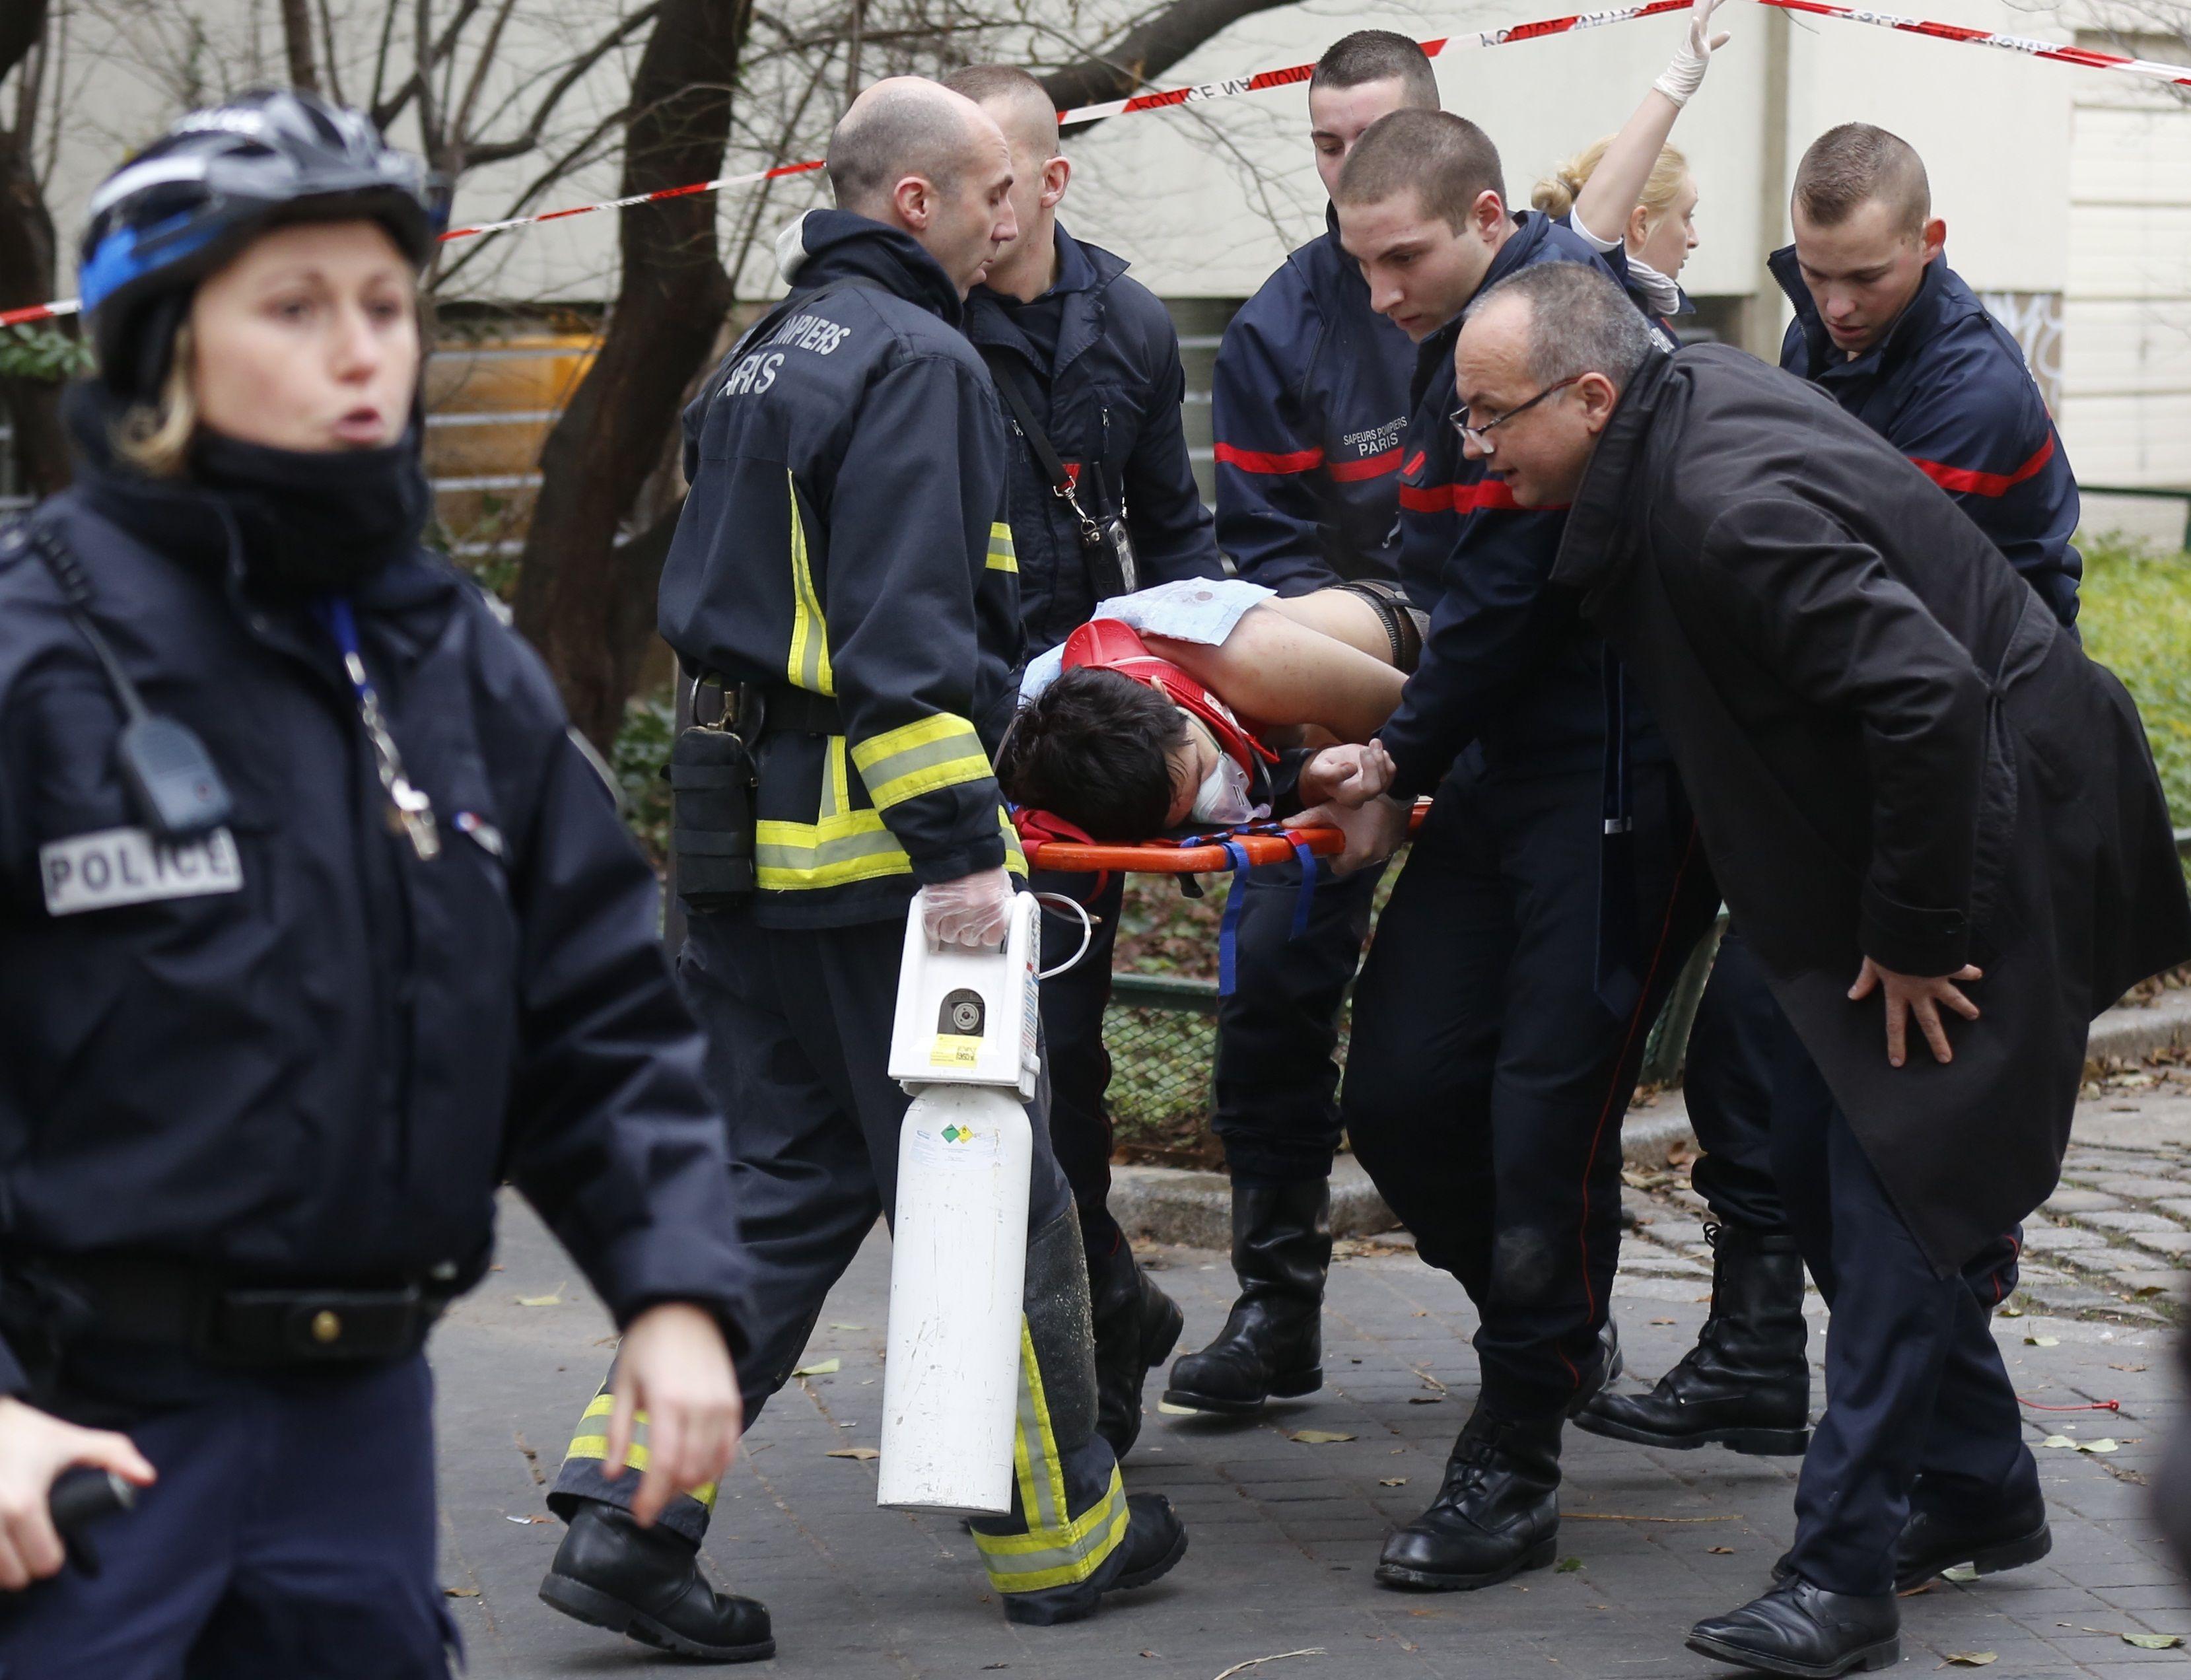 Les auteurs de l'attentat ont utilisé des armes lourdes et portaient des gilets pare-balles.